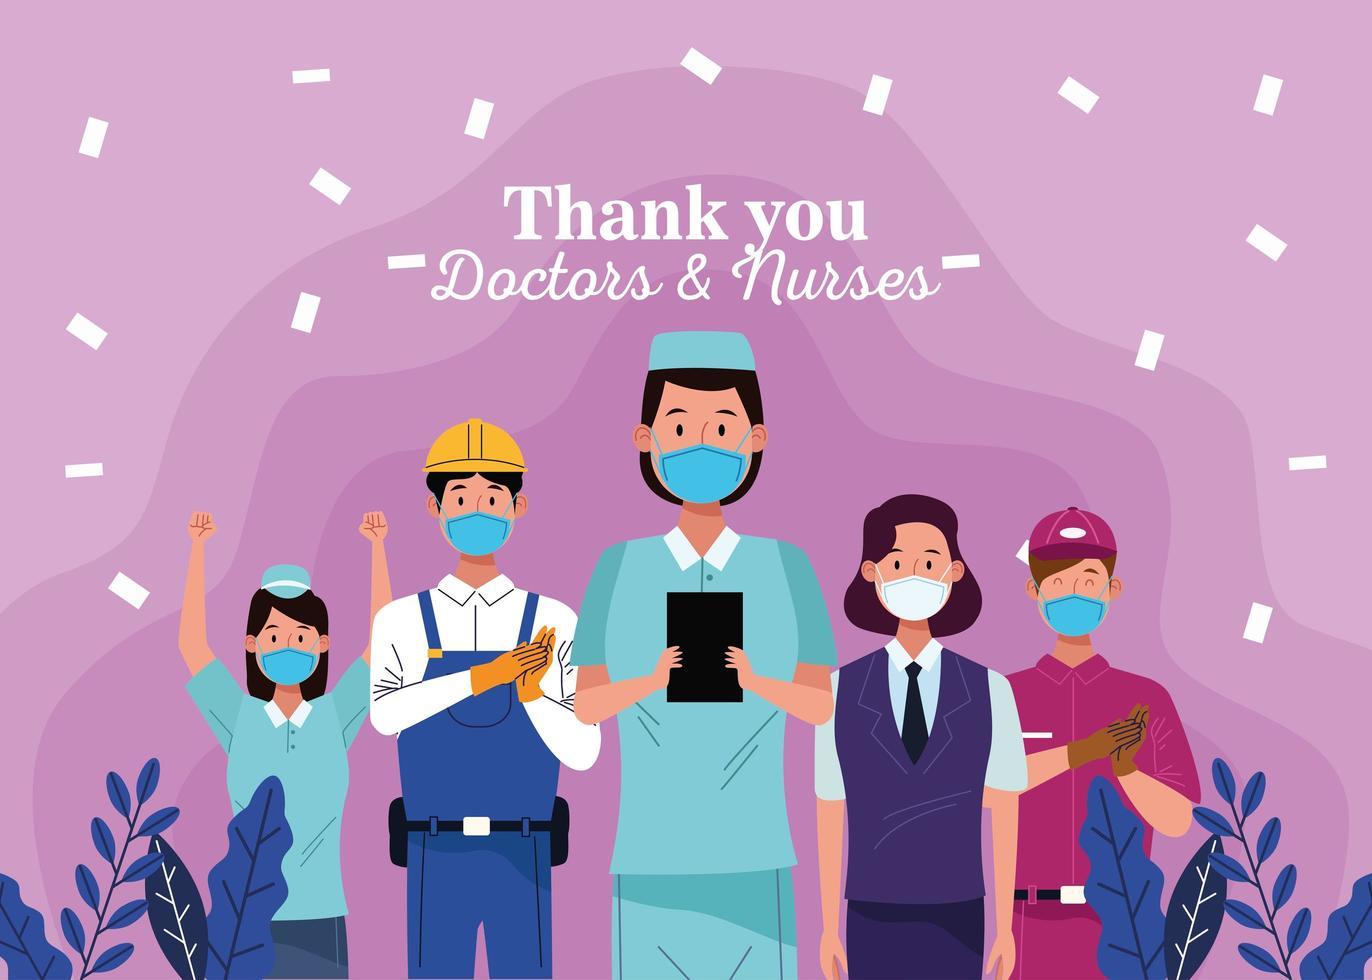 grupo de trabajadores con máscaras con mensaje de agradecimiento a los médicos y enfermeras vector